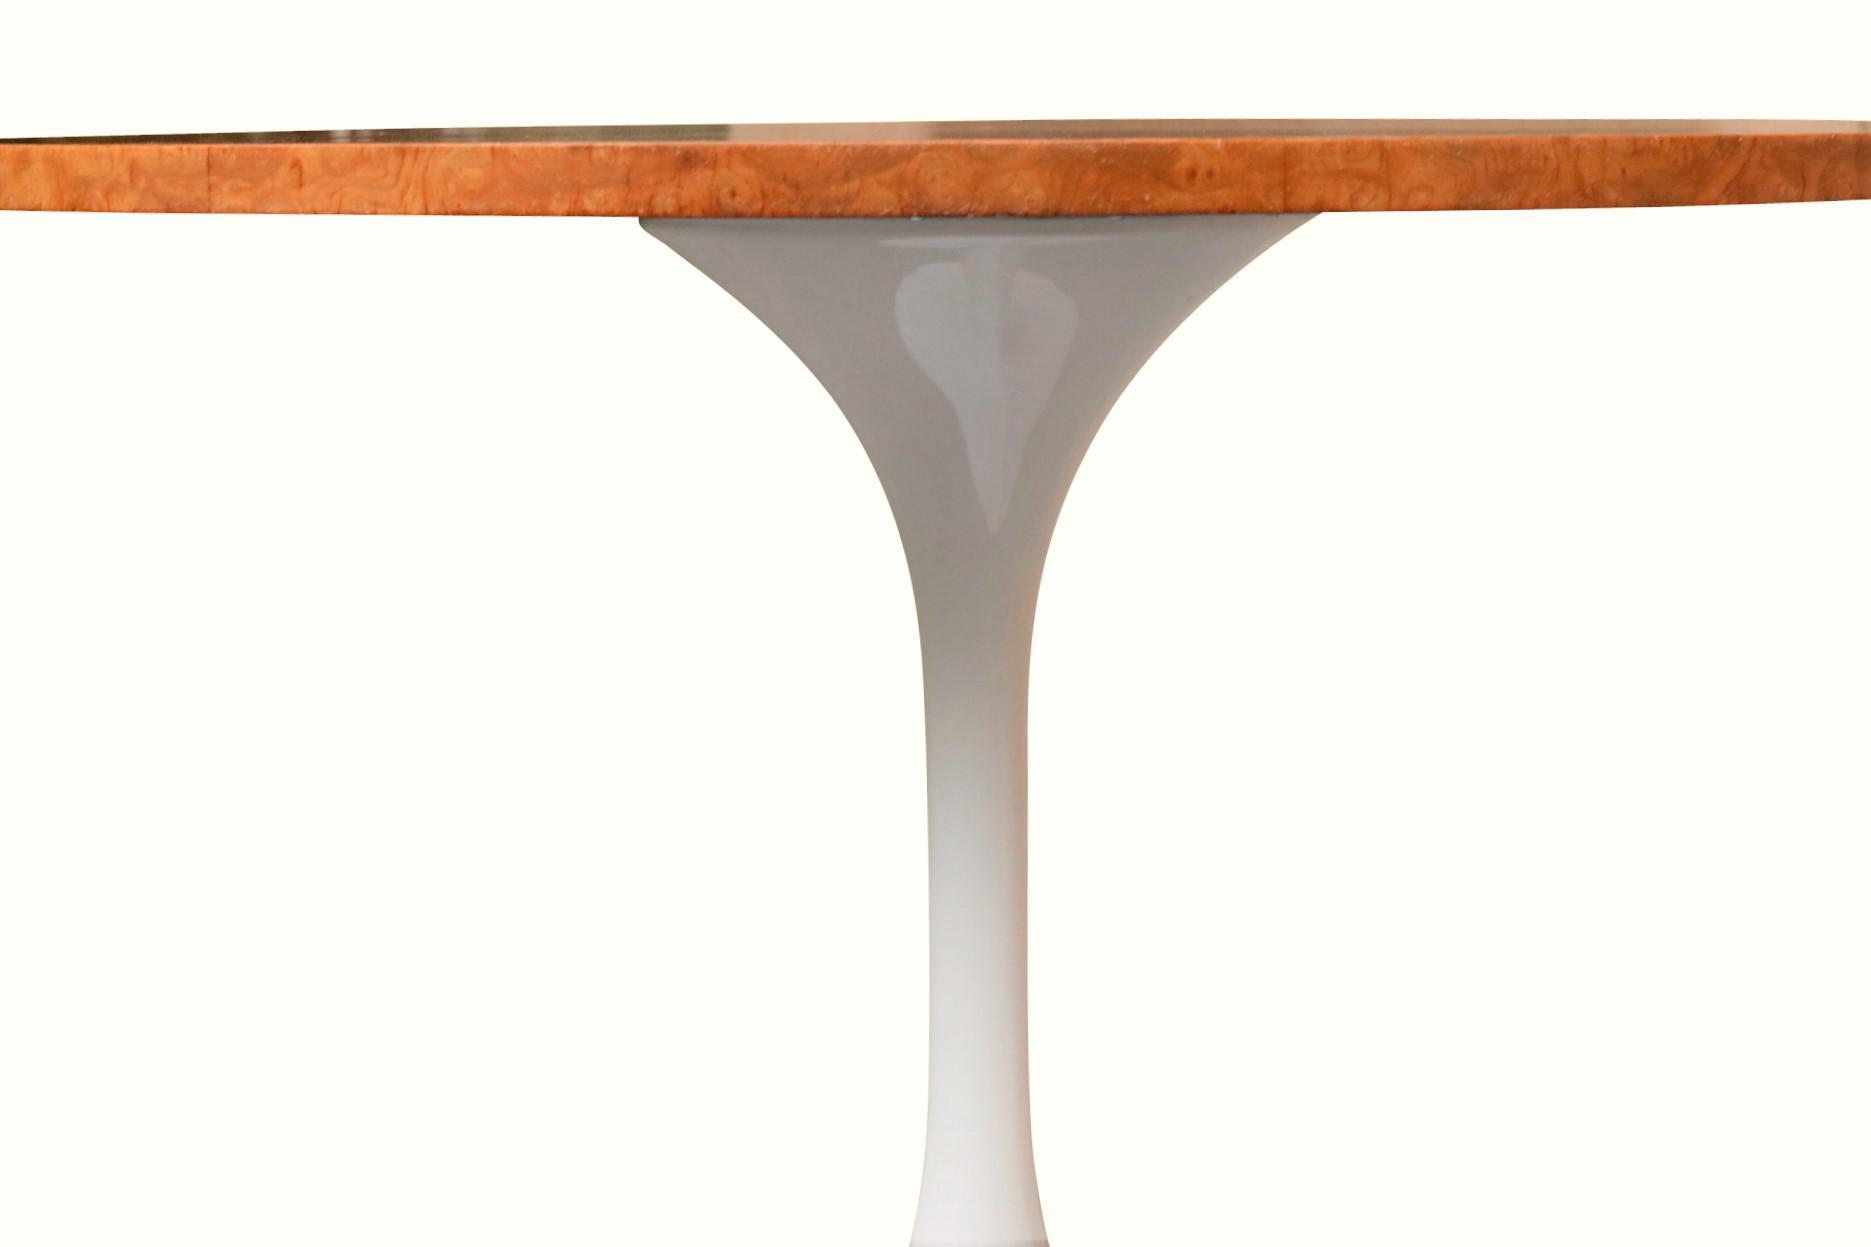 Eero Saarinen Eero Saarinen Style Mid Century Modern Tulip Base Dining Table  For Sale   Image